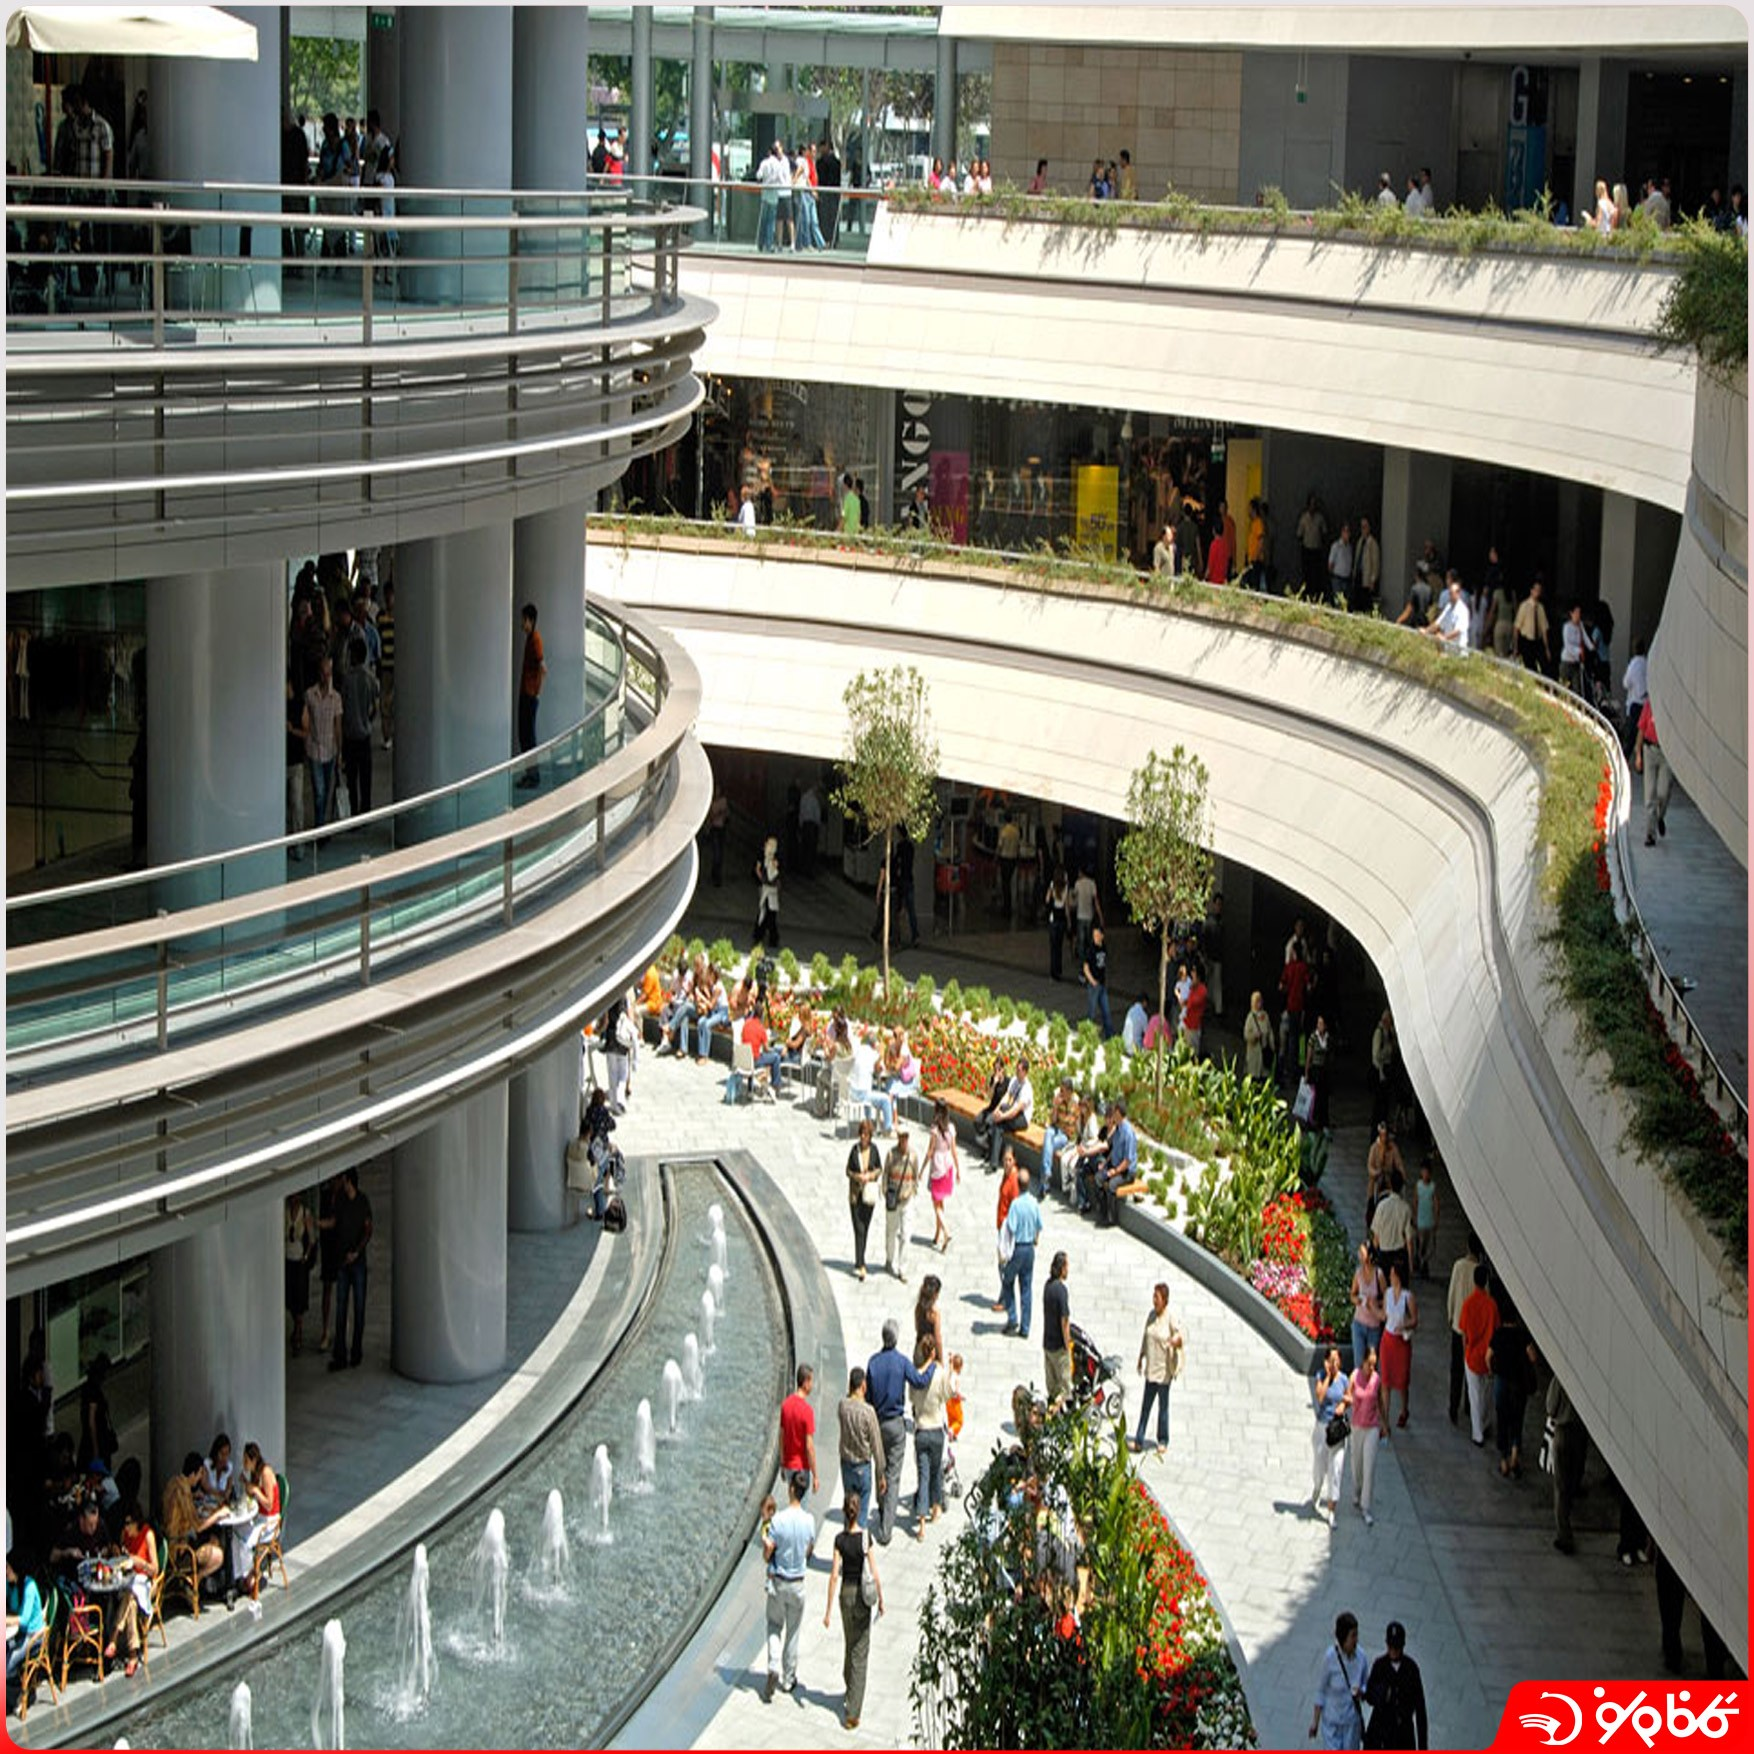 مرکز خرید کانیون - KANYON